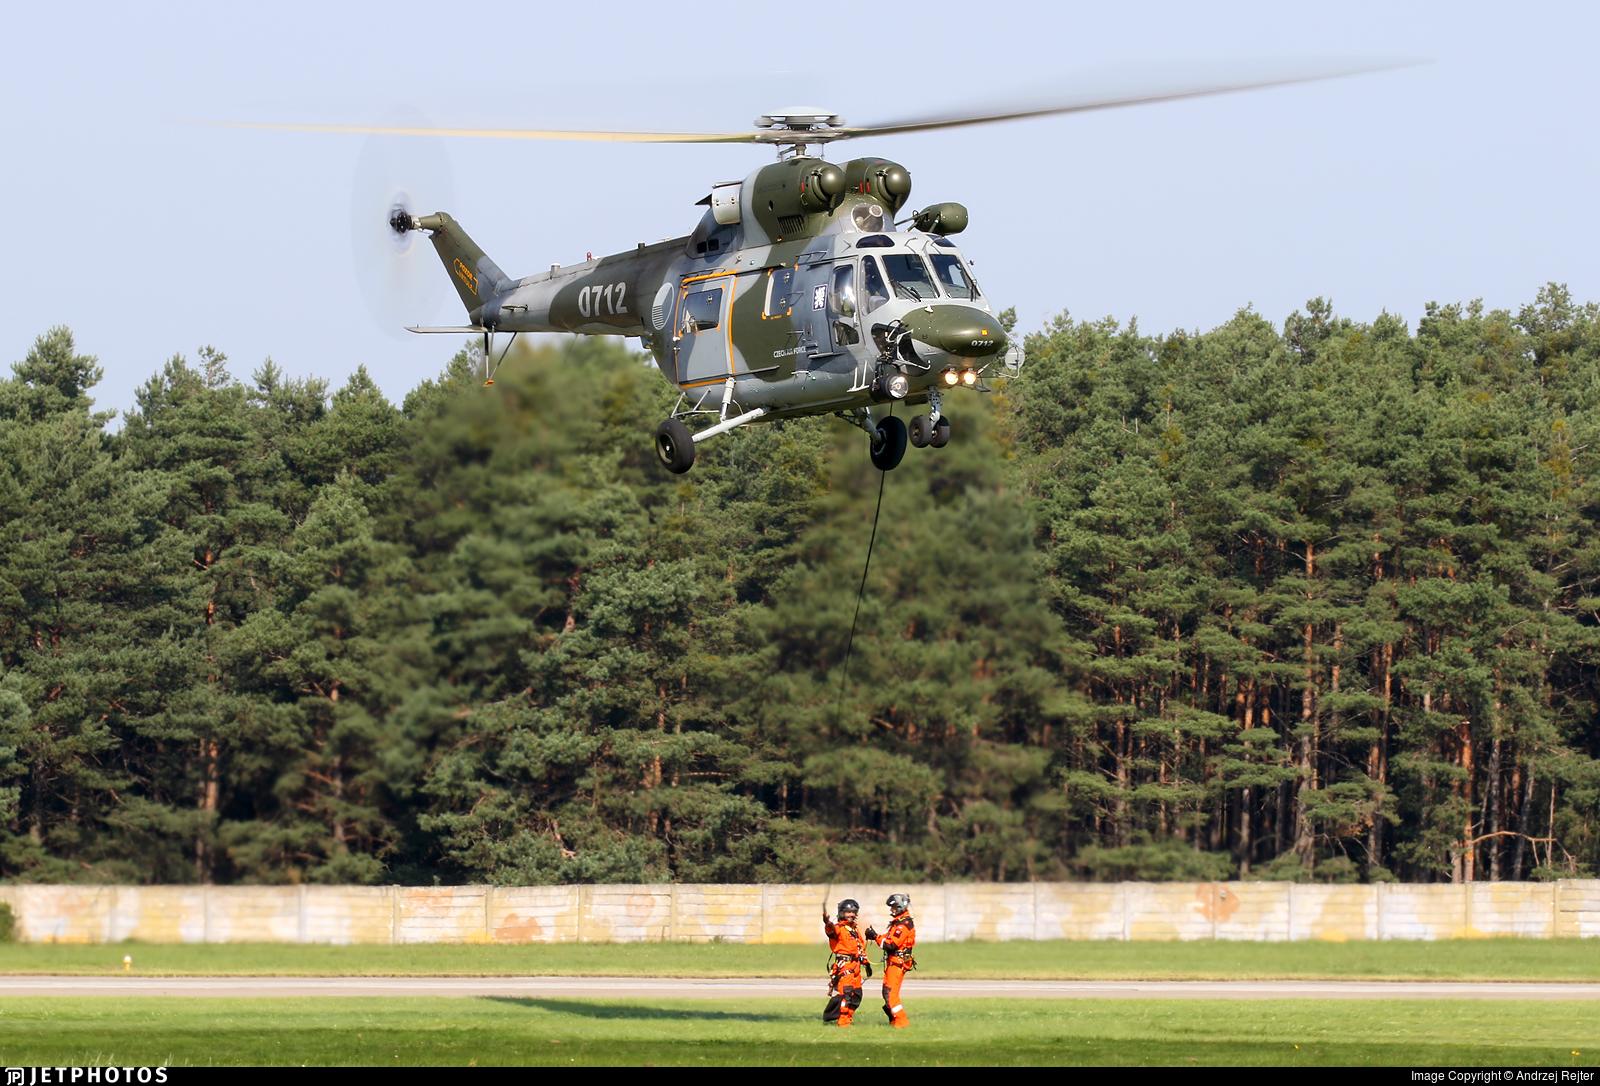 0712 - PZL-Swidnik W3A Sokol - Czech Republic - Air Force